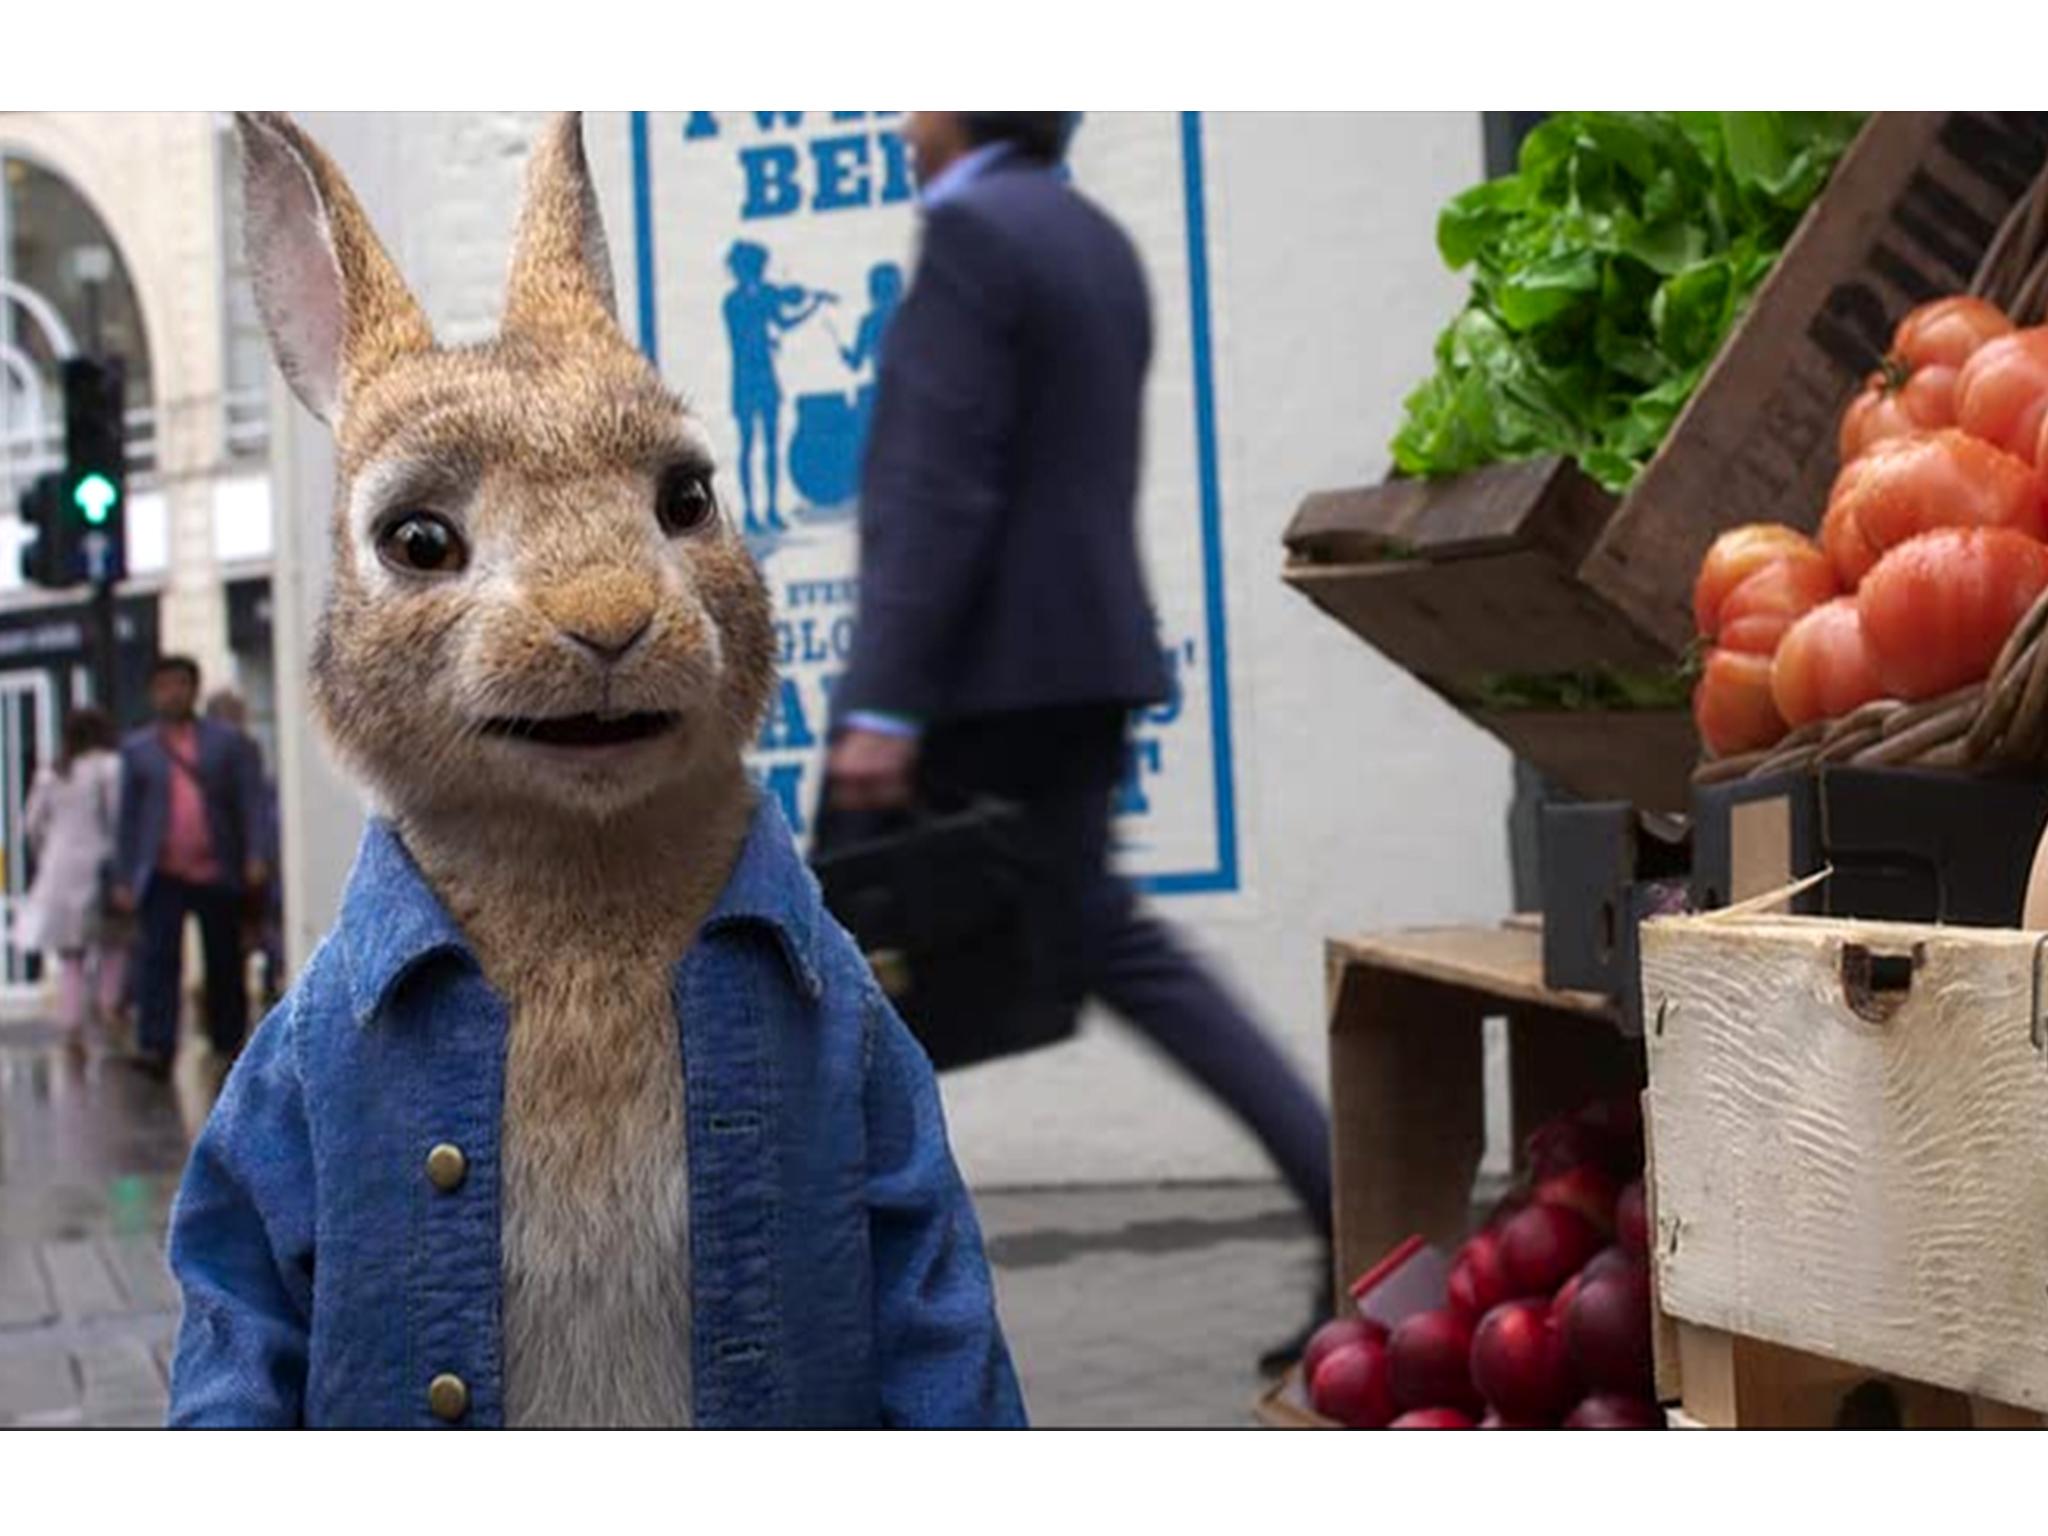 Filme, Cinema, Animação, Comédia, Peter Rabbit: Coelho à Solta (2021)